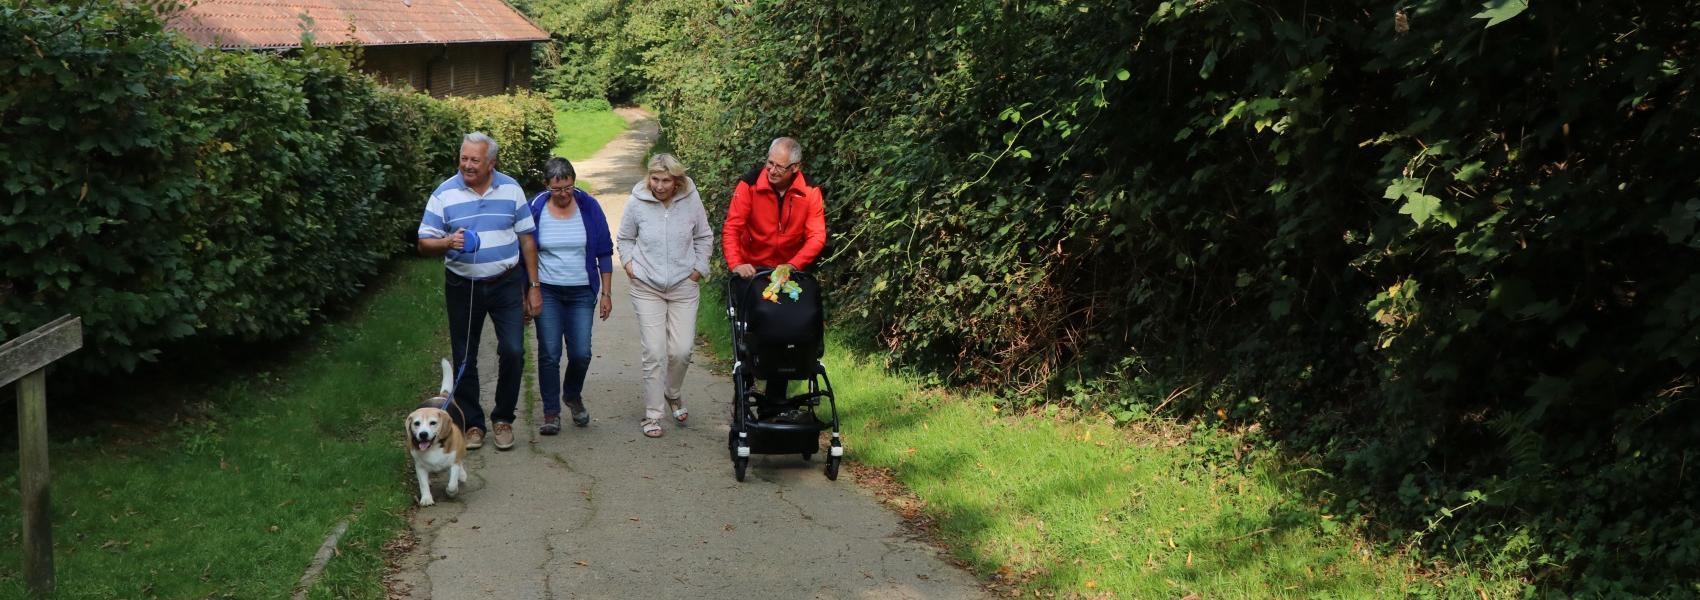 4 wandelaars met kinderwagen en hond